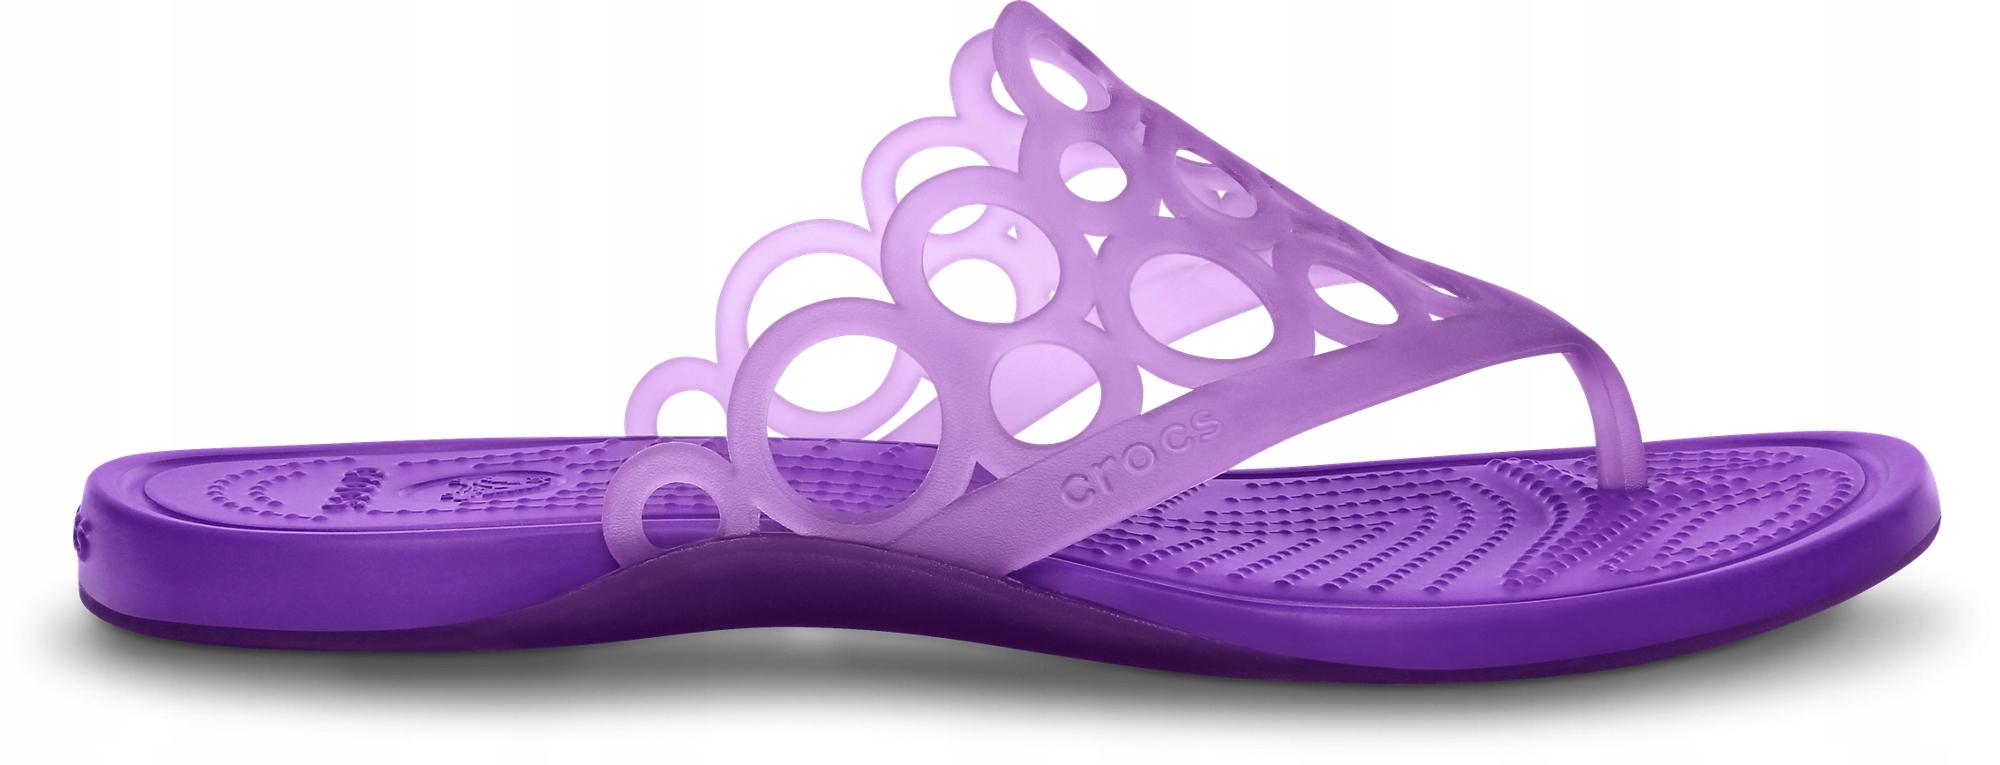 Japonki Crocs Adrina Bubbles Flip-flop fiolet 37,5